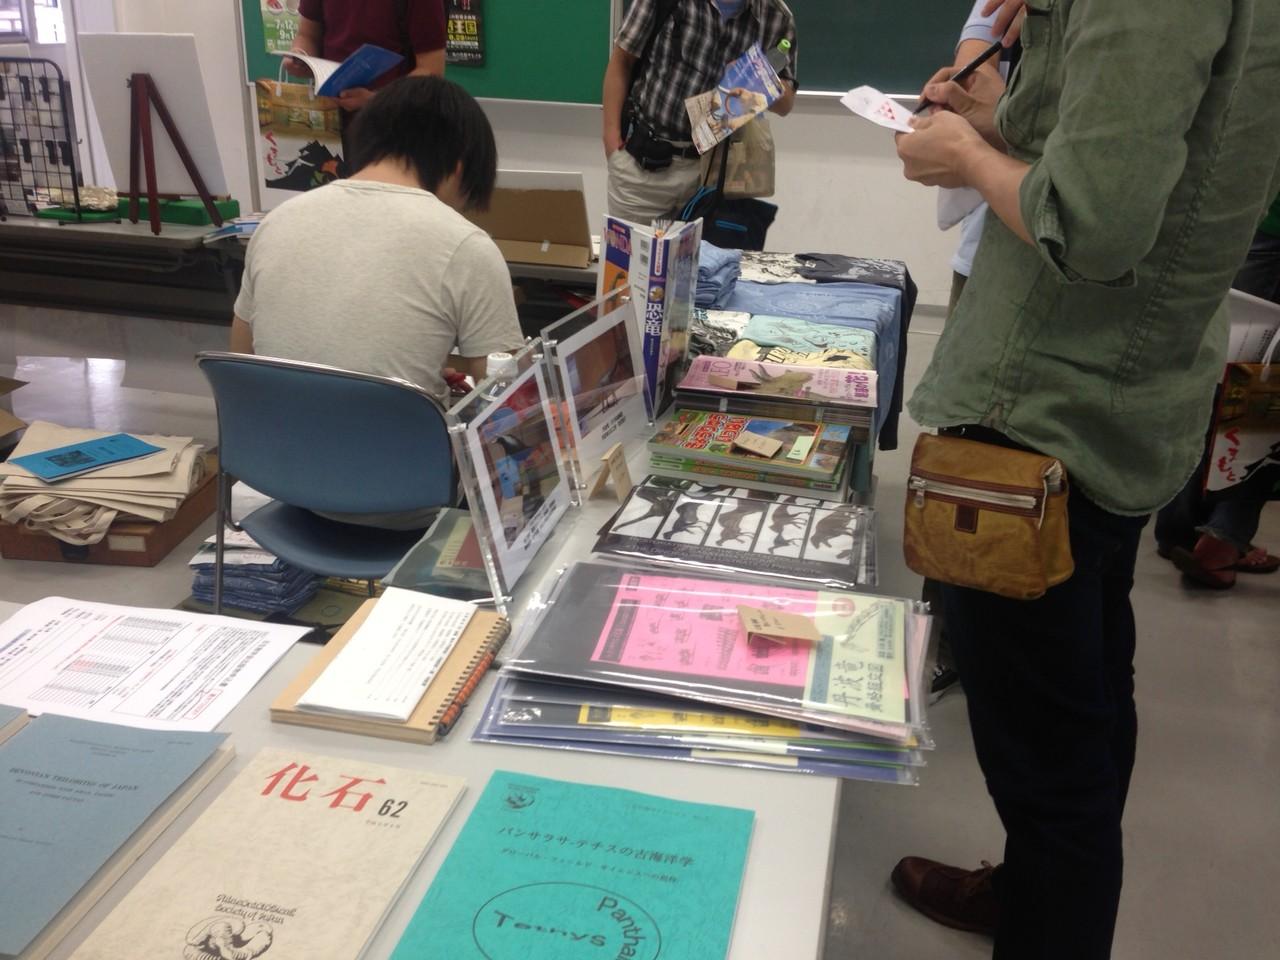 徳川さんの属するACTOWのプロダクツも販売されています。